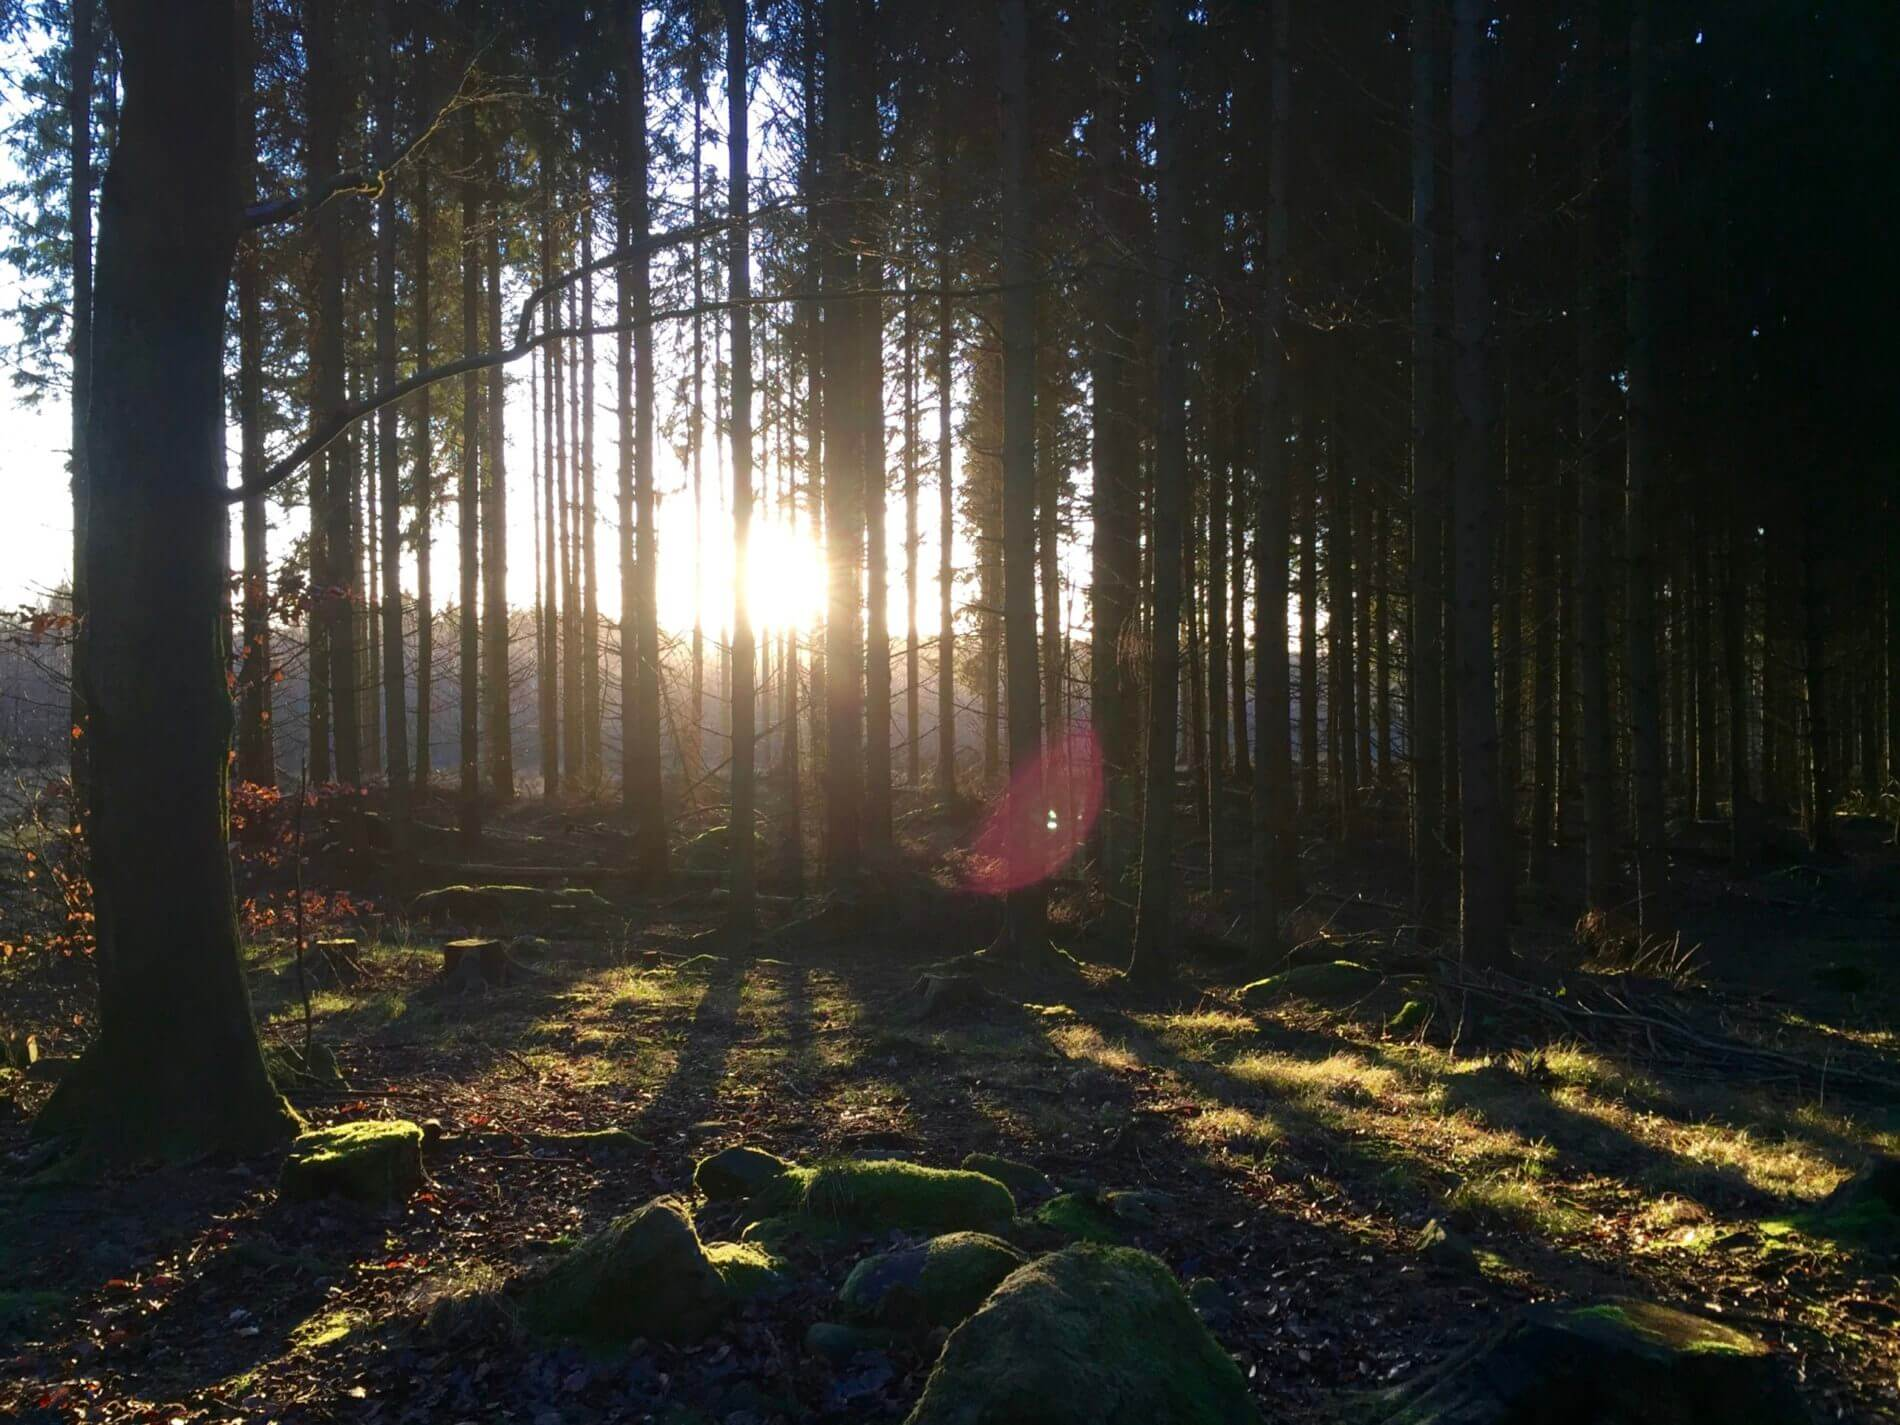 Skrylle_Wald im Winterlicht